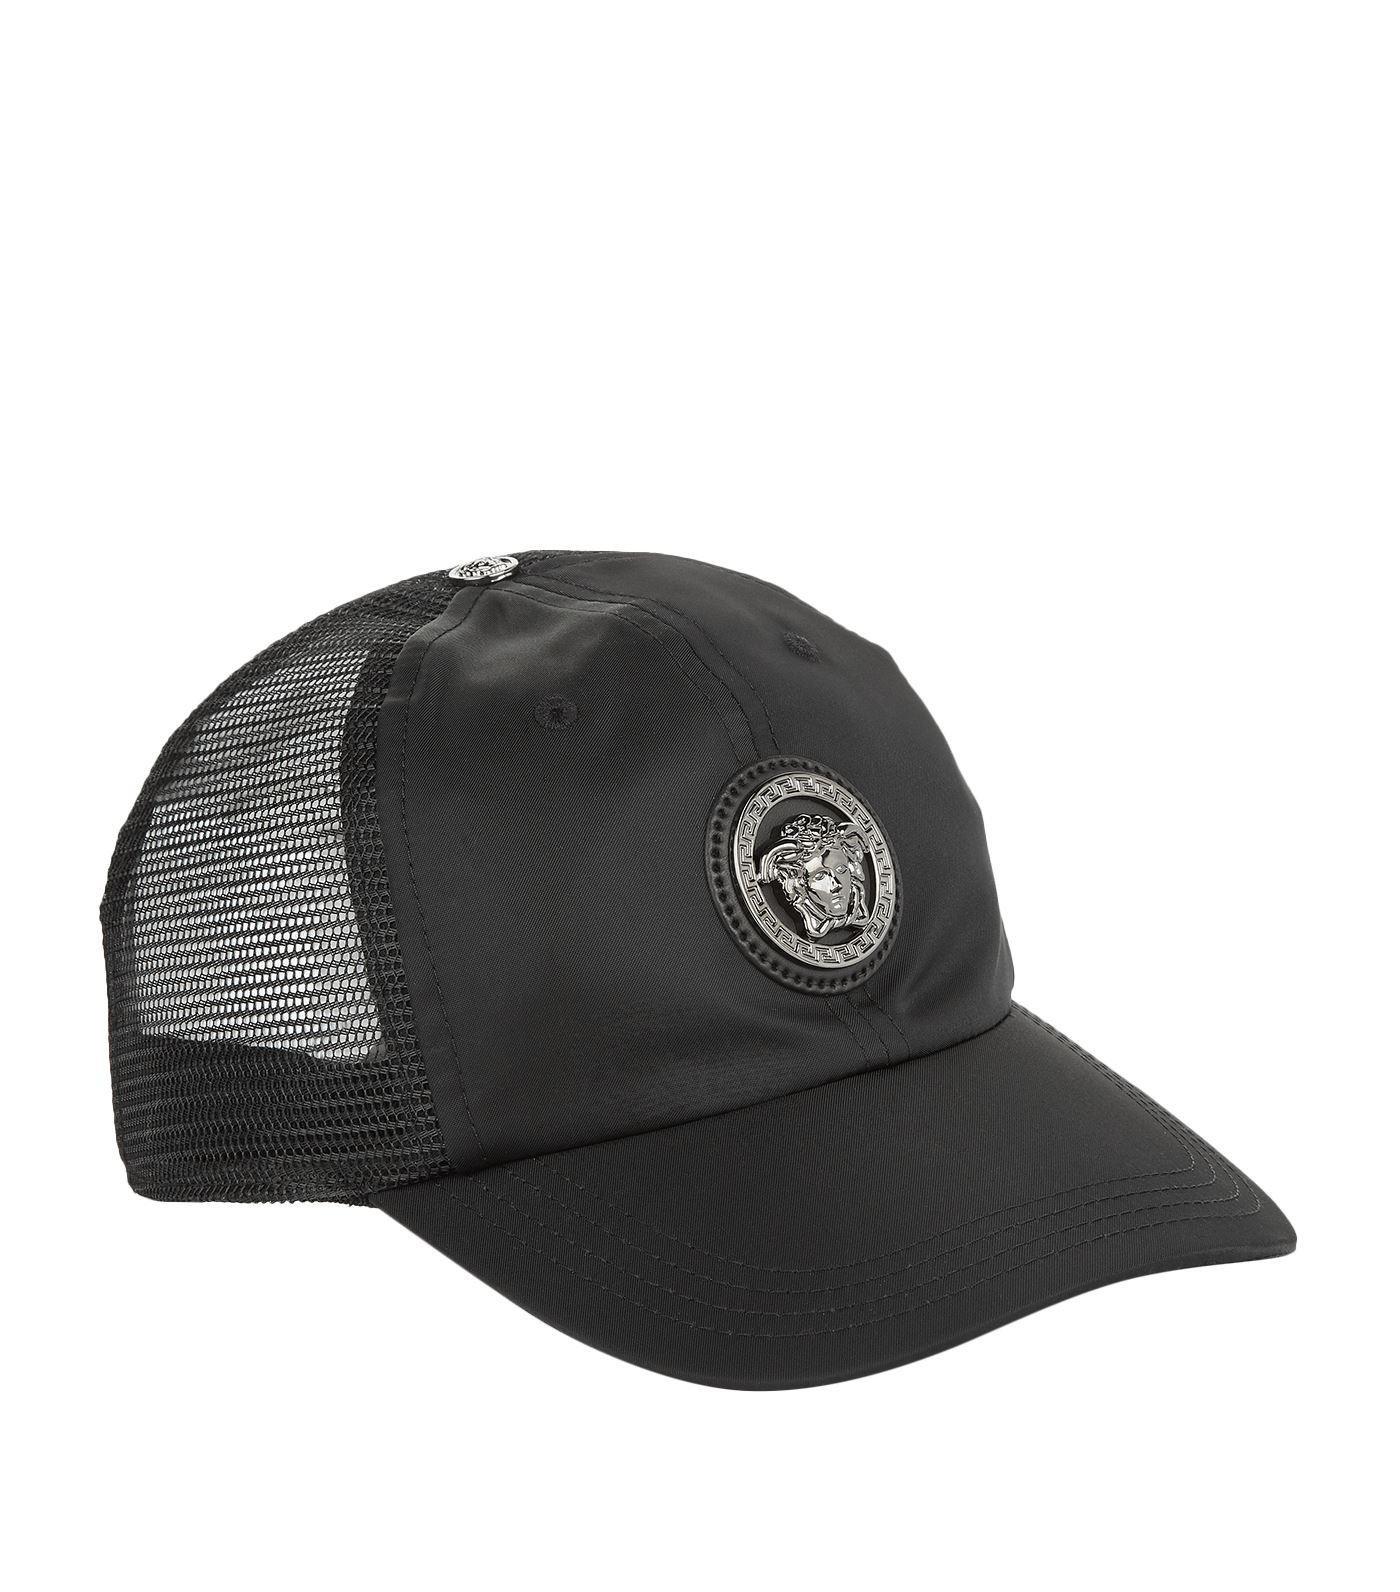 Lyst - Versace Medusa Logo Baseball Cap in Black for Men 739cf9f1de46